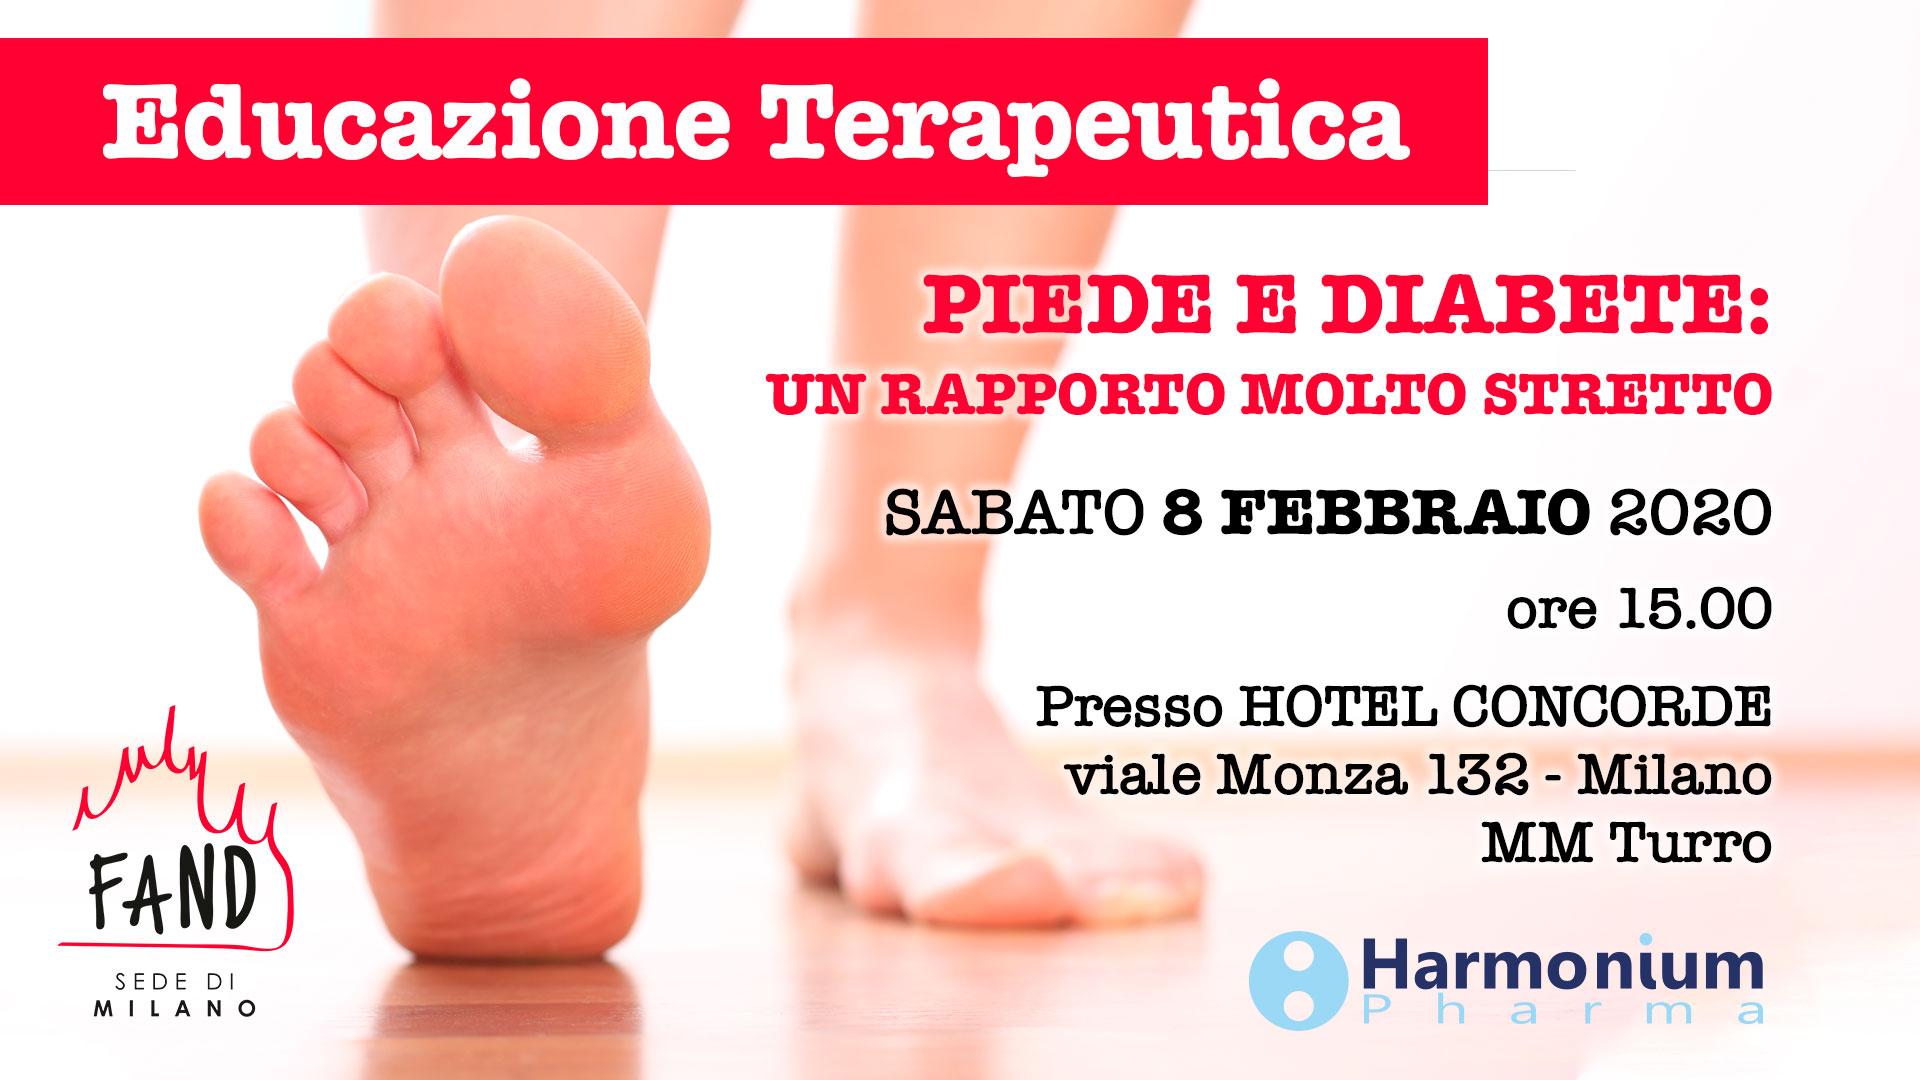 Sabato 8 febbraio - Incontro di educazione terapeutica - Piede e Diabete